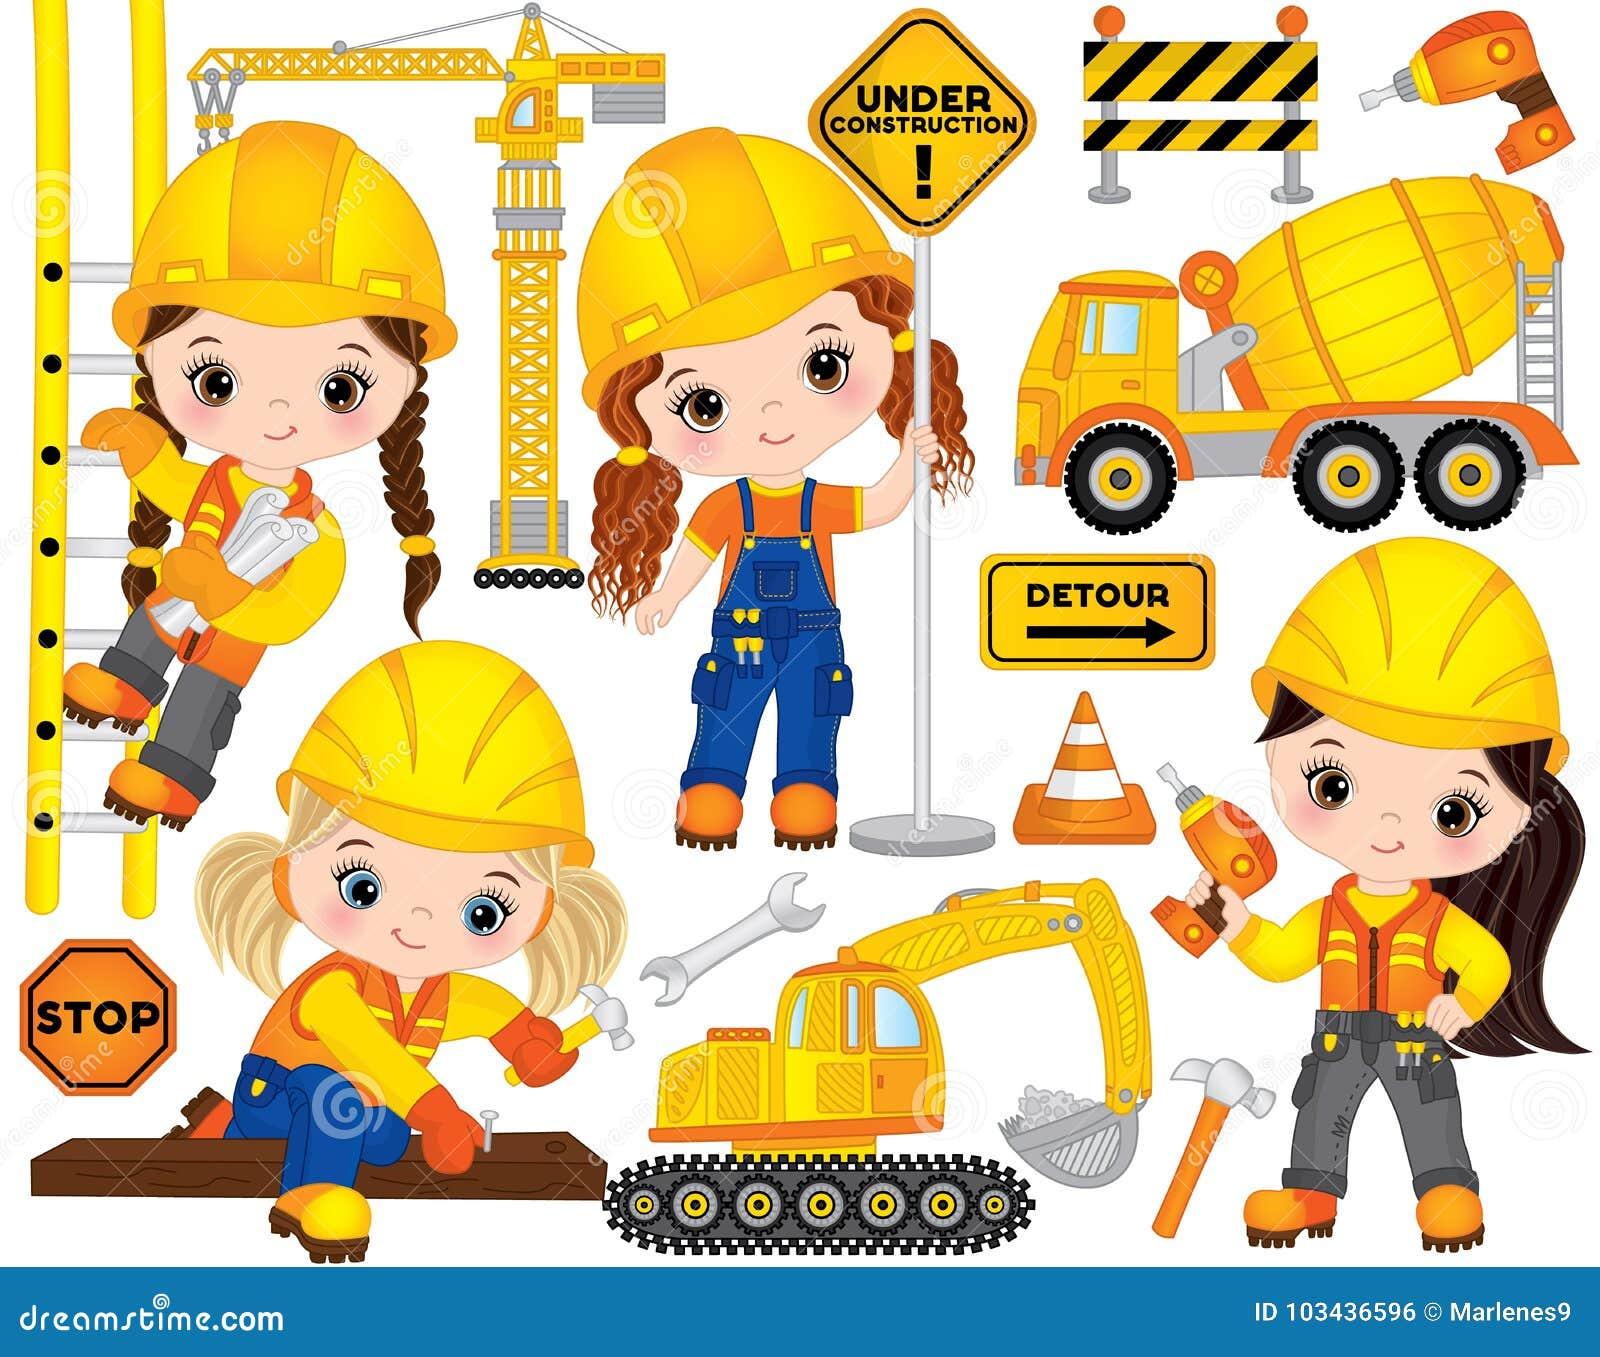 VectordieBouw met Meisjes, Vervoer en Diverse Hulpmiddelen wordt geplaatst